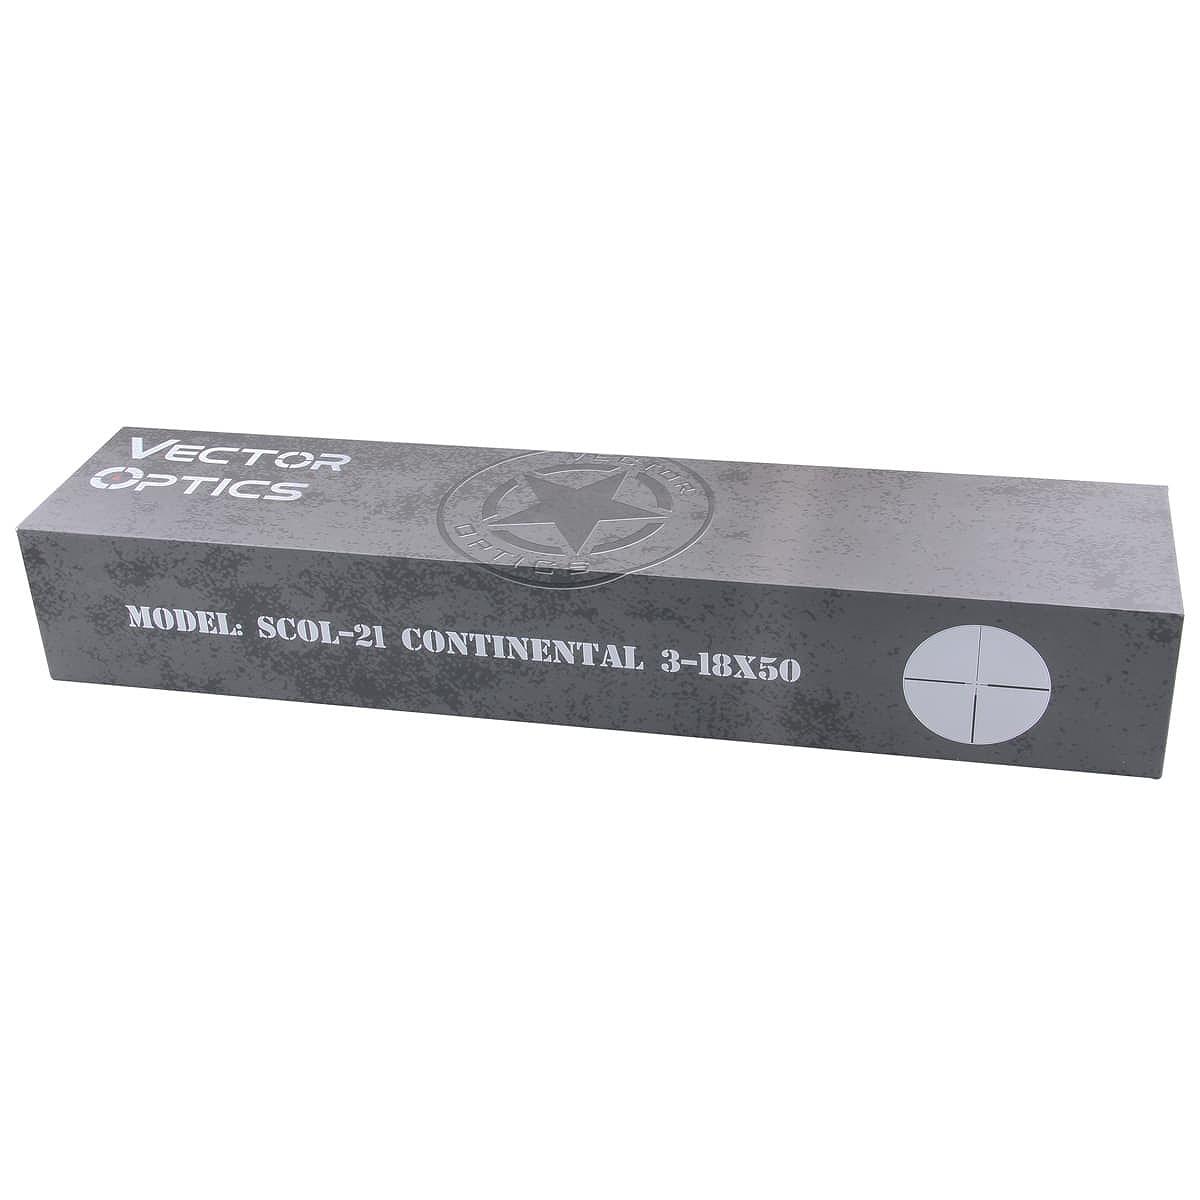 ベクターオプティクス ライフルスコープ Continental 3-18x50  Vector Optics SCOL-21